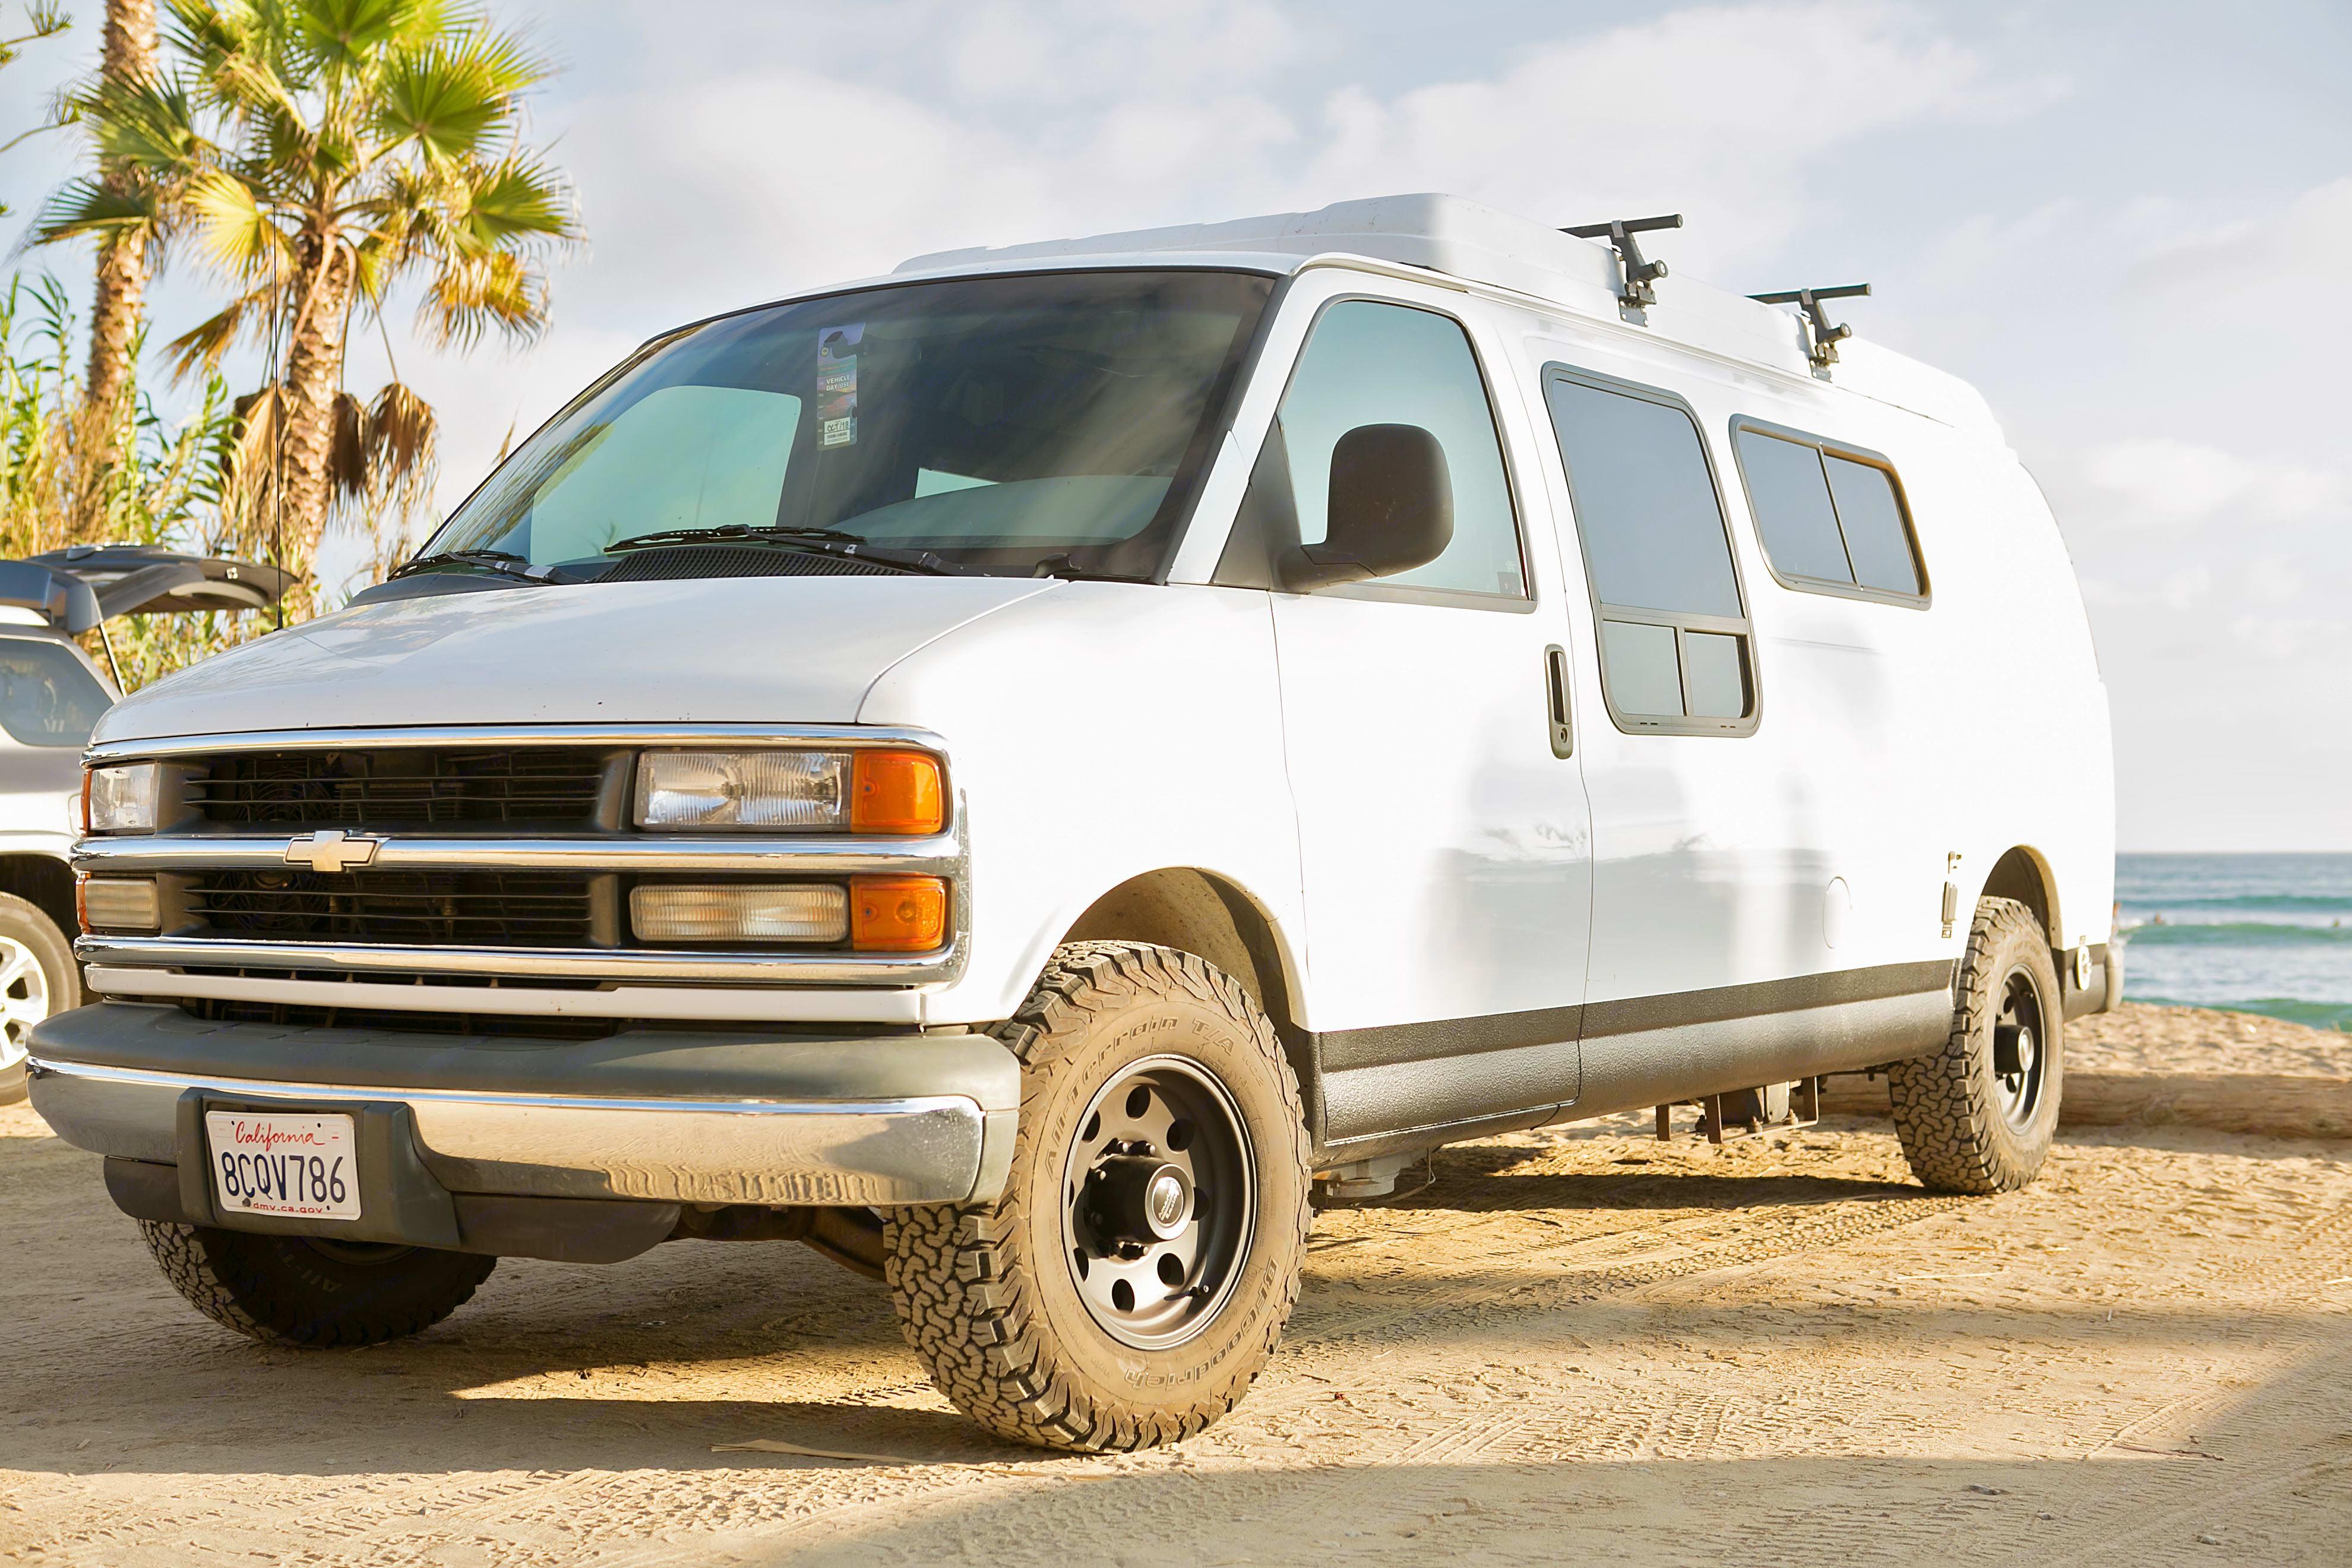 All terrain wheels, roof racks, rhino lined rocker panels and extended body ready for adventure. Sportsmobile Custom Design 1998